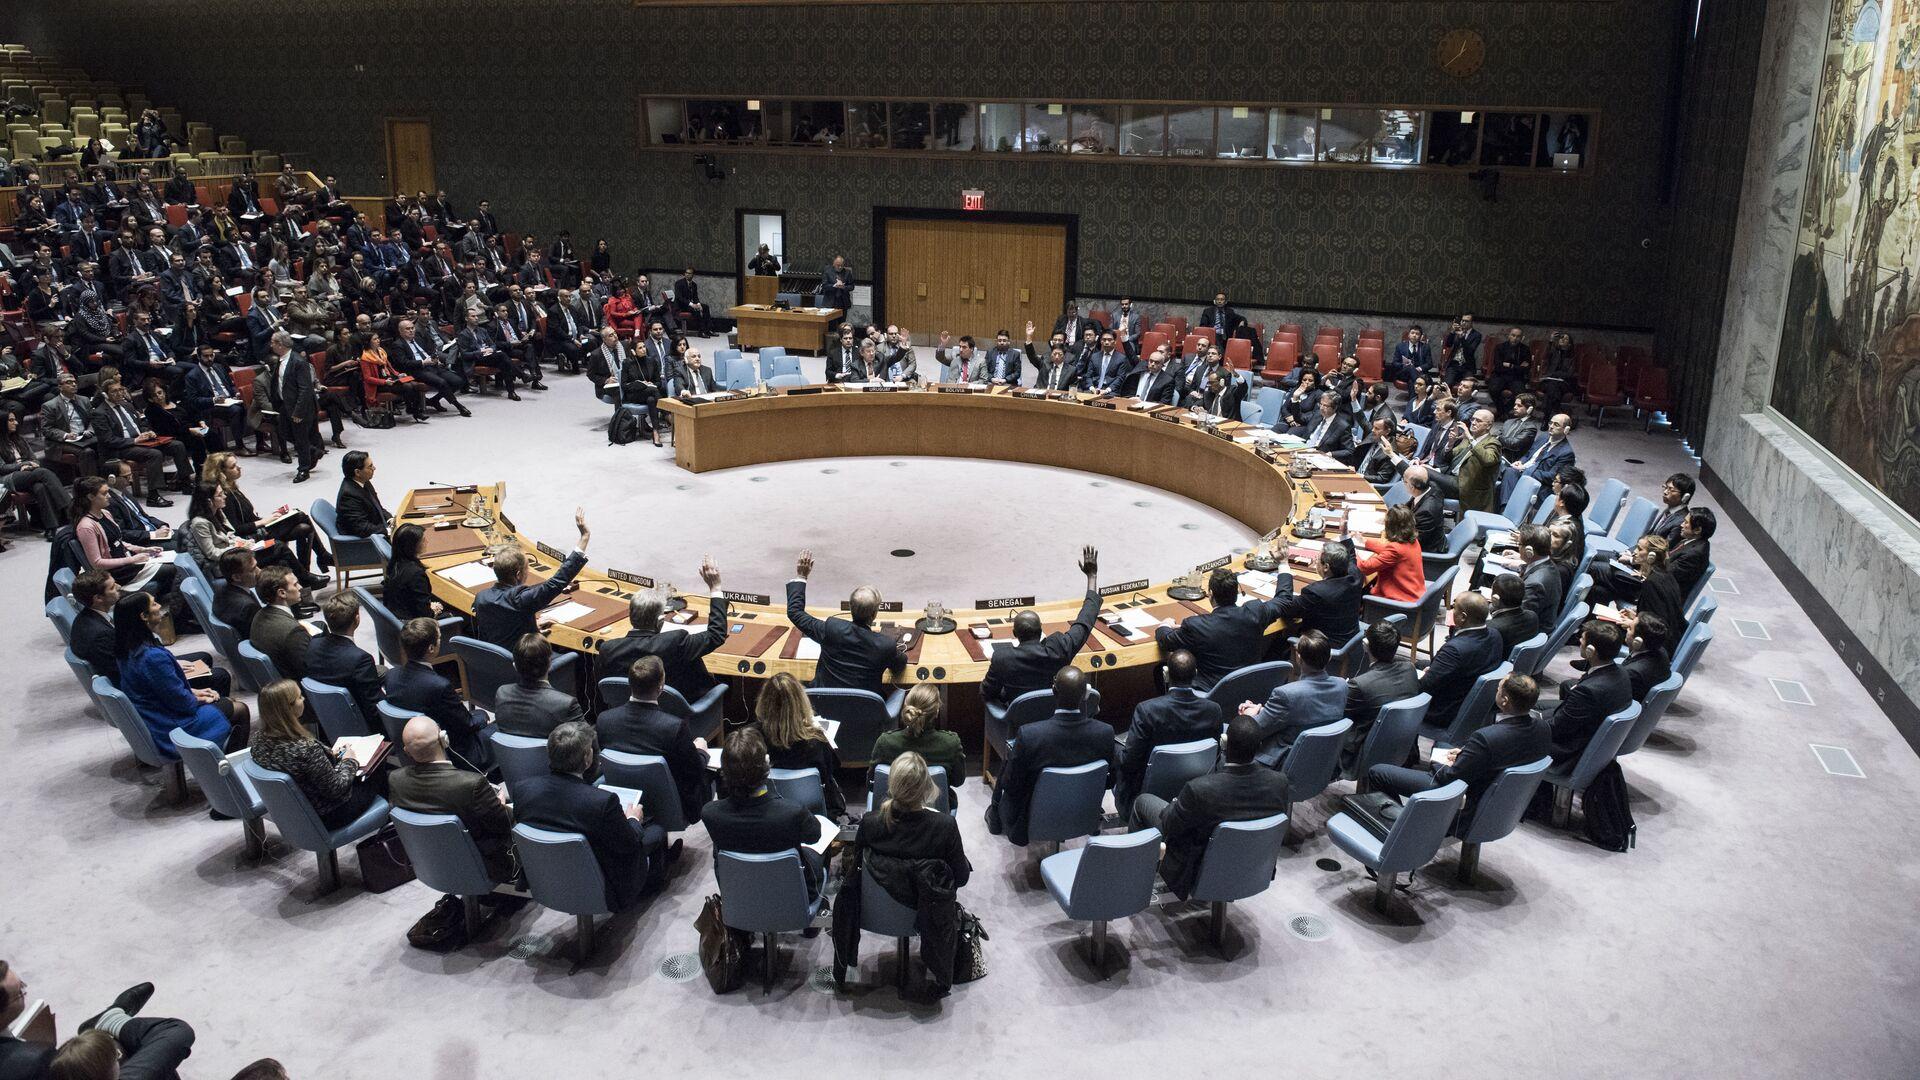 СБ ООН голосует за принятие резолюции о статусе Иерусалима в штаб-квартире ООН. 18 декабря 2017 - РИА Новости, 1920, 26.02.2021